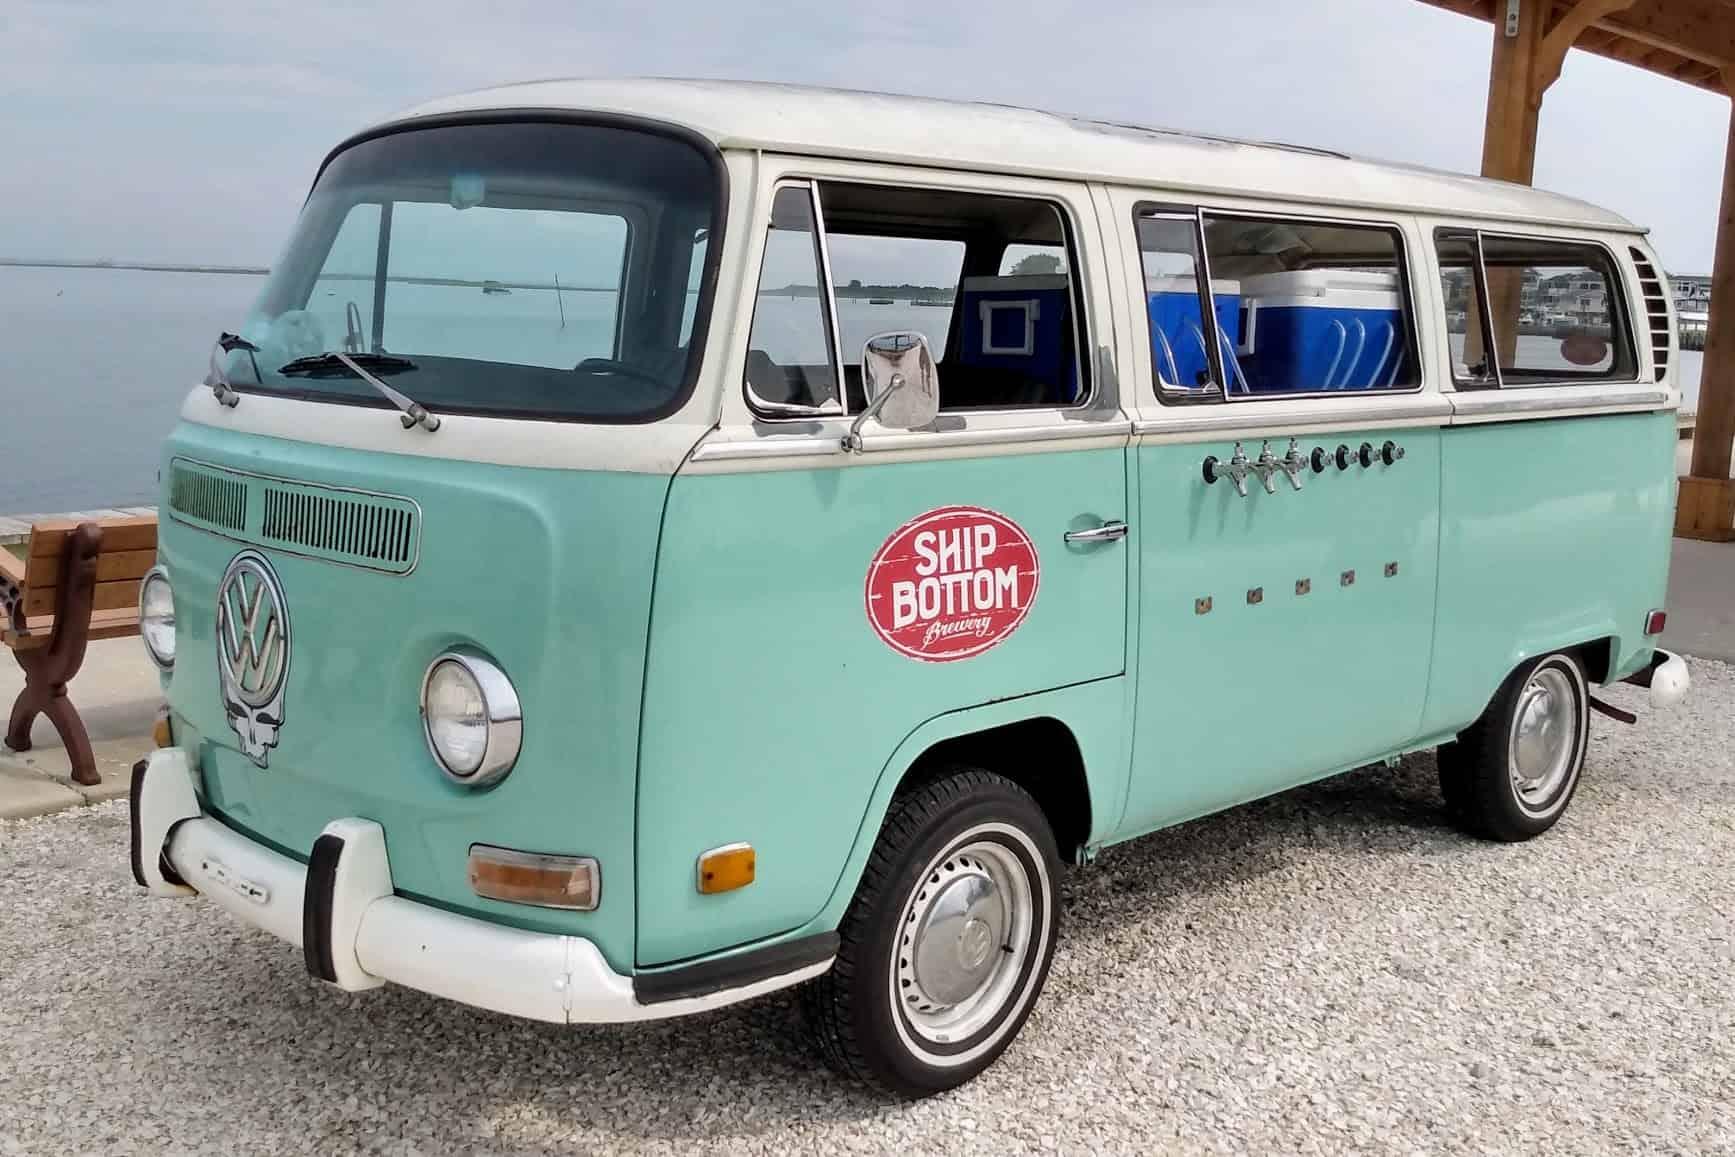 Ship Bottom Brewery Volkswagen Van